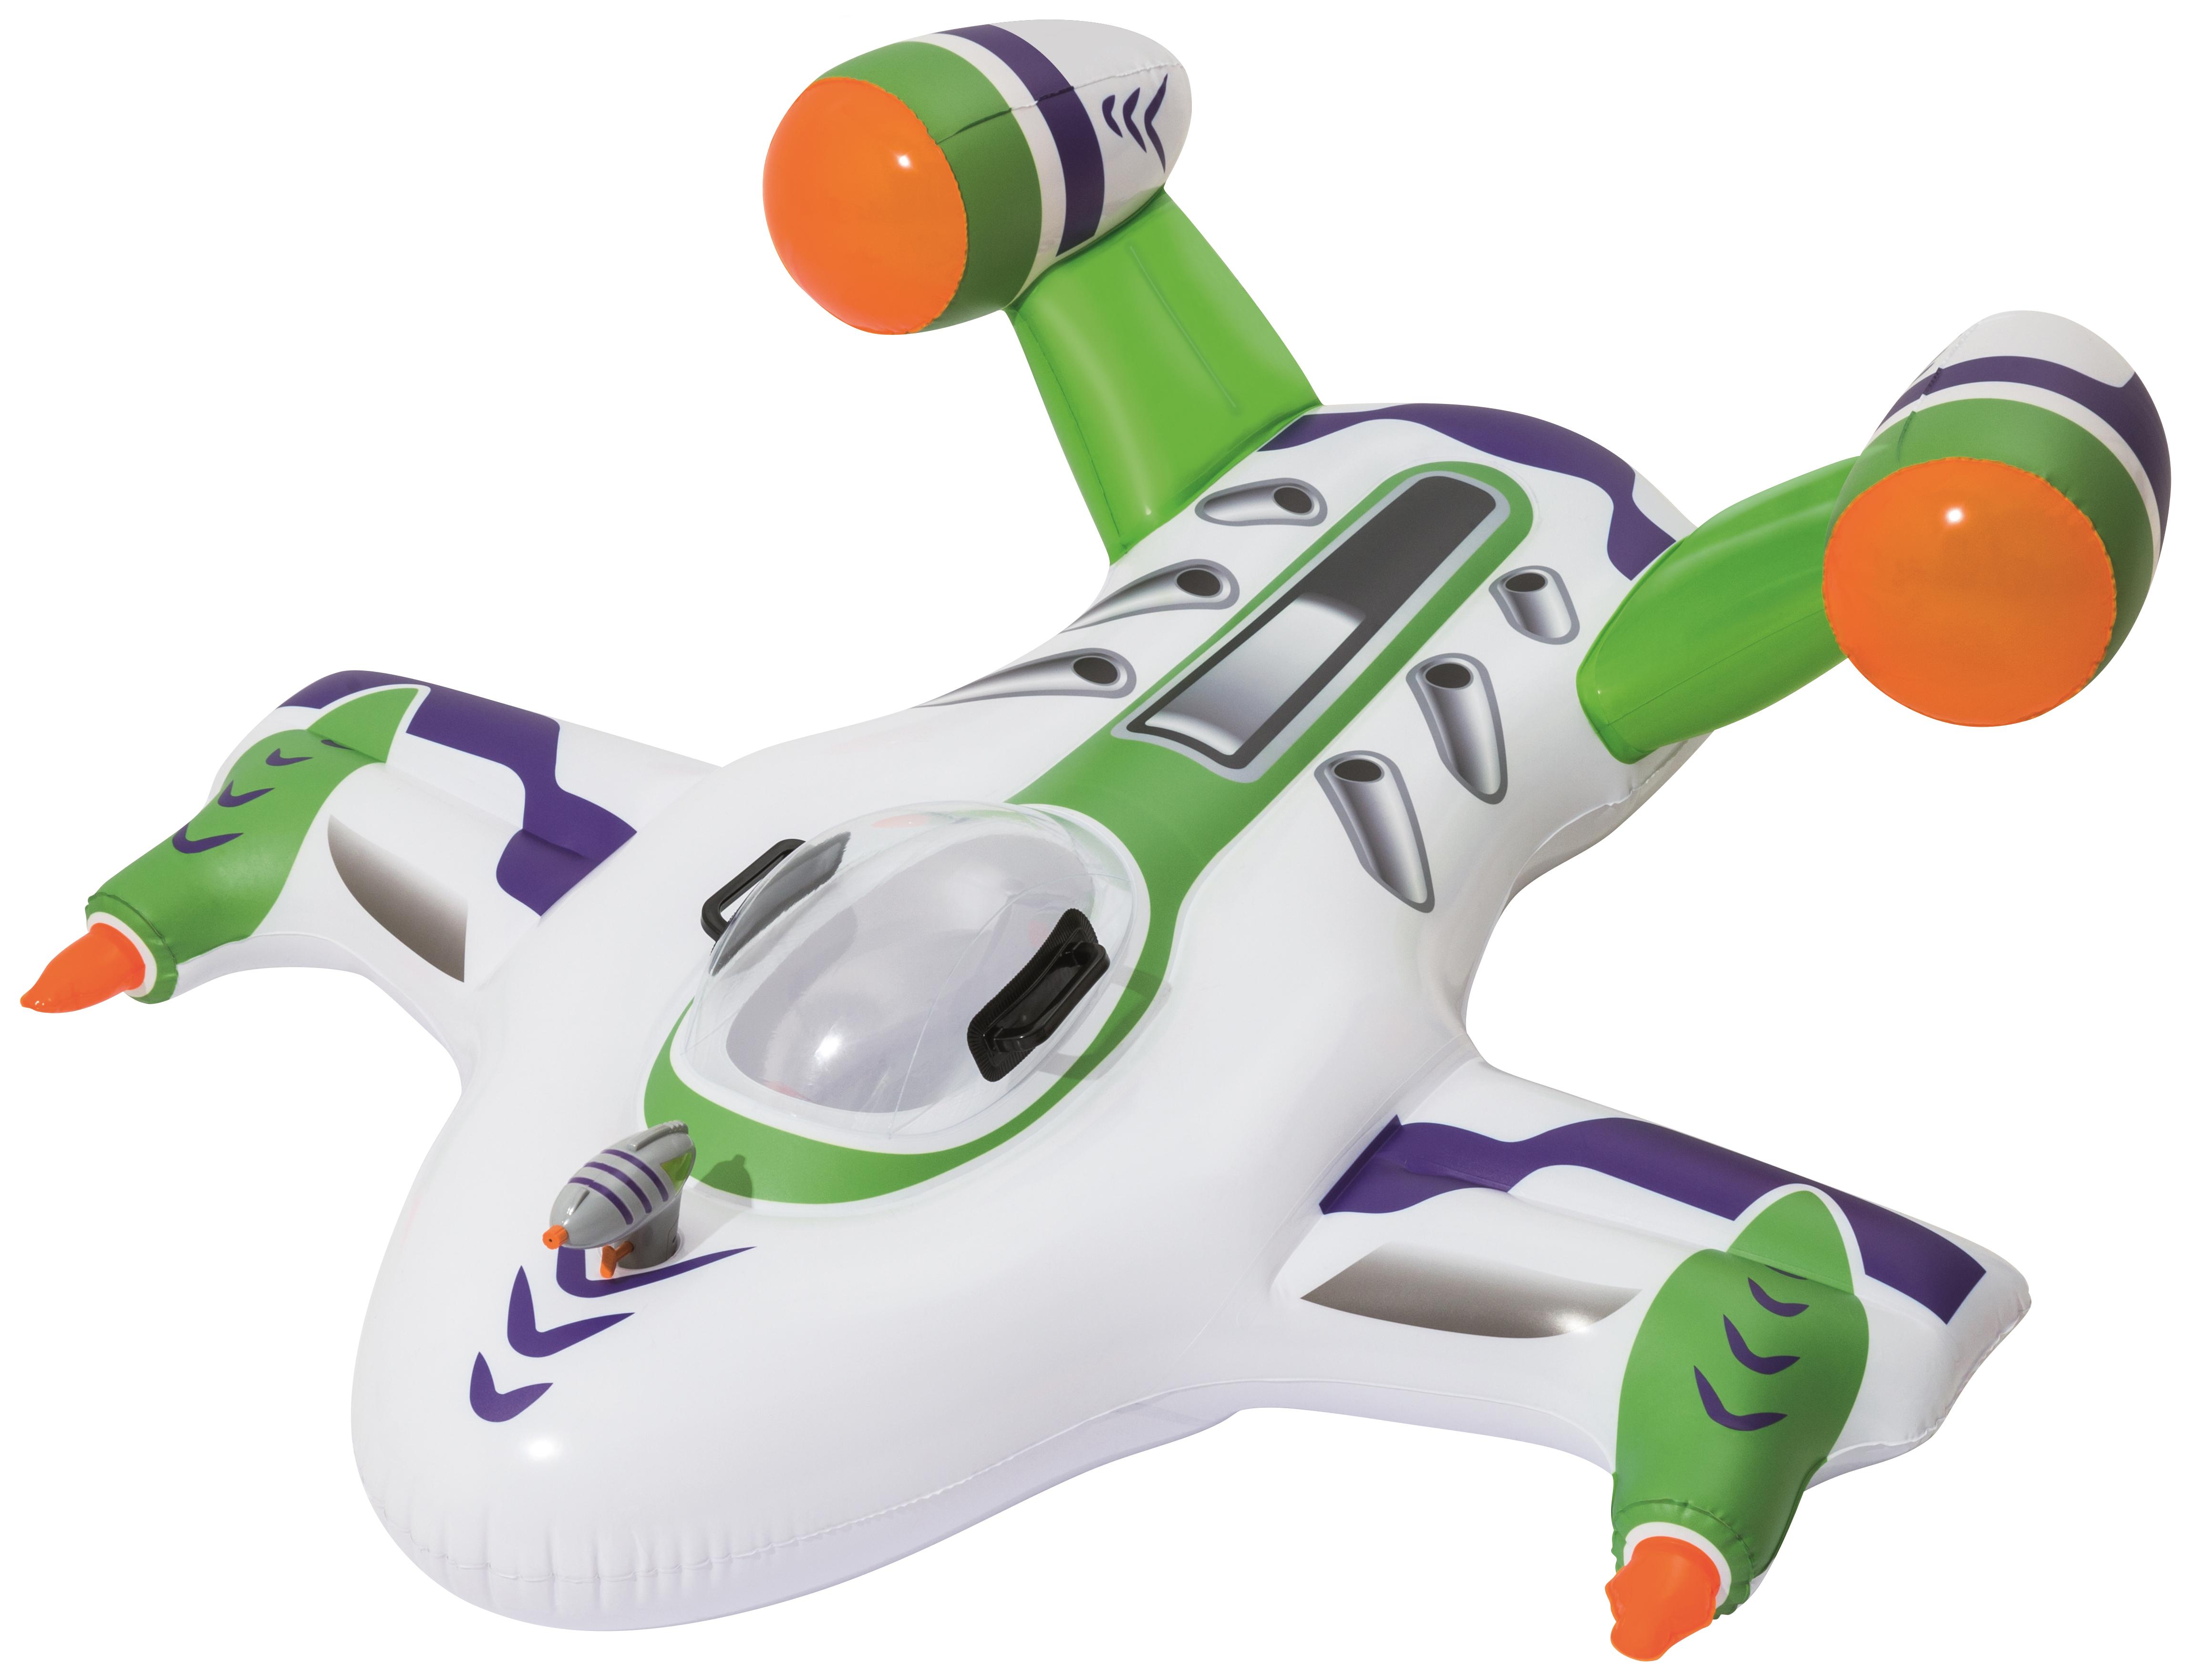 Купить Игрушка для катания верхом Самолет с брызгалкой, 155 х 145 см Bestway, Игры на воде